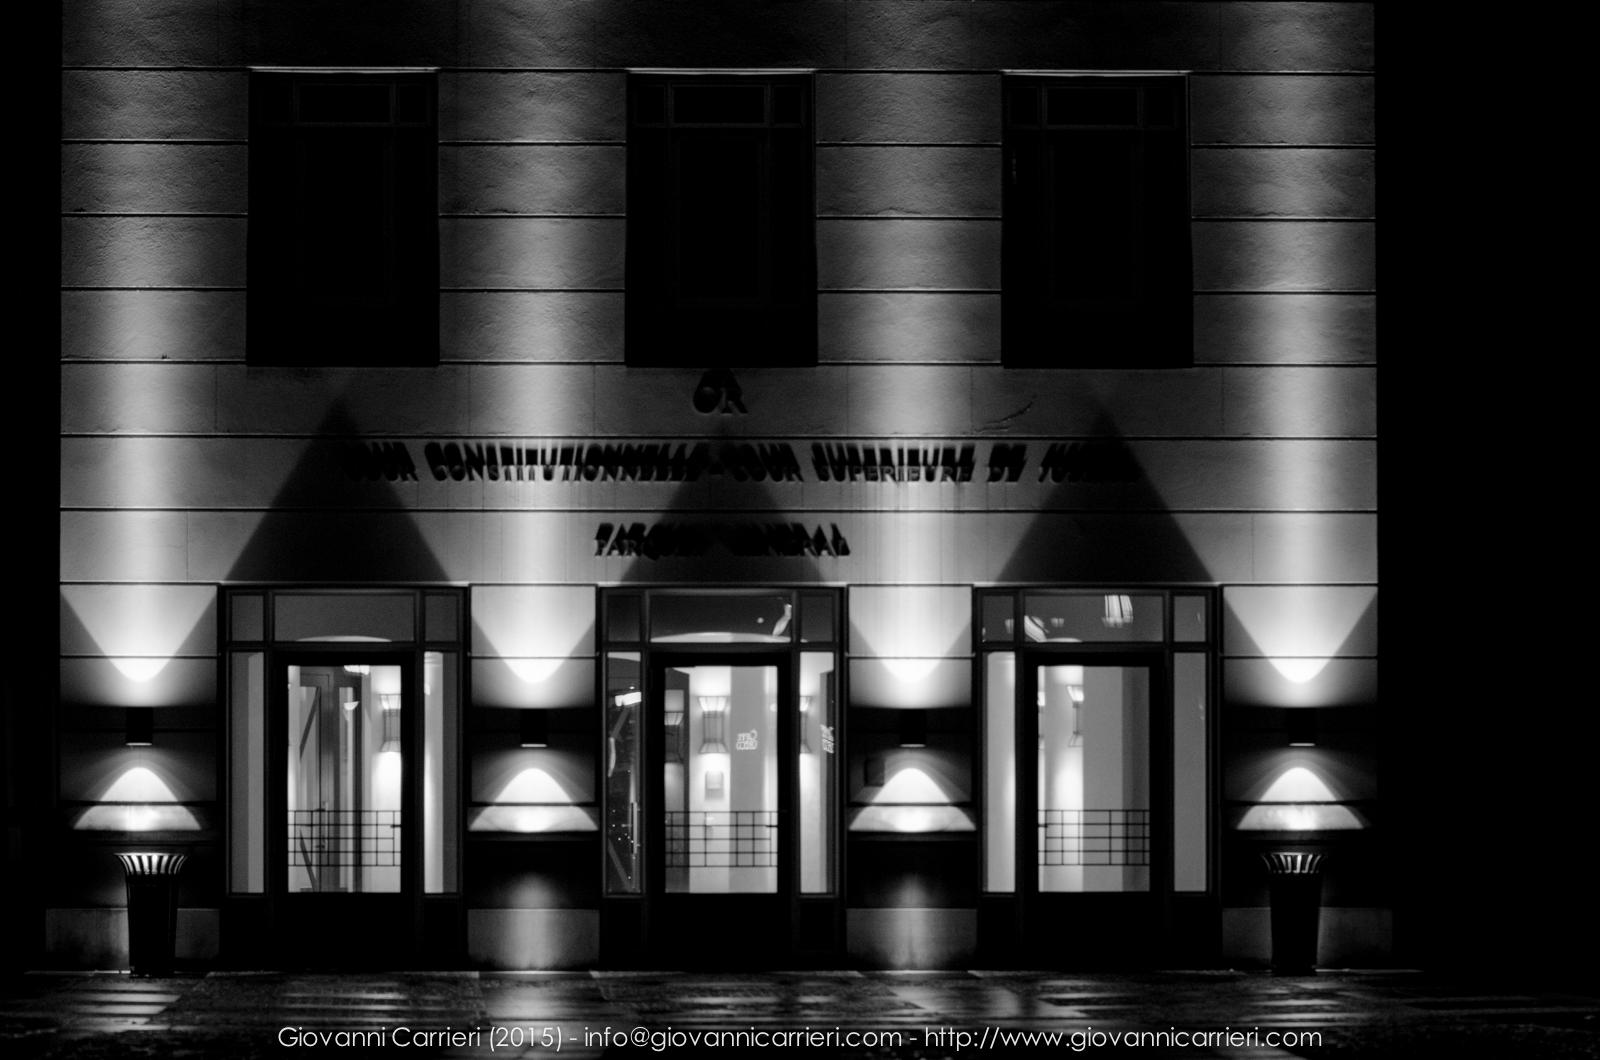 Particolare della città giudiziaria Lussemburghese